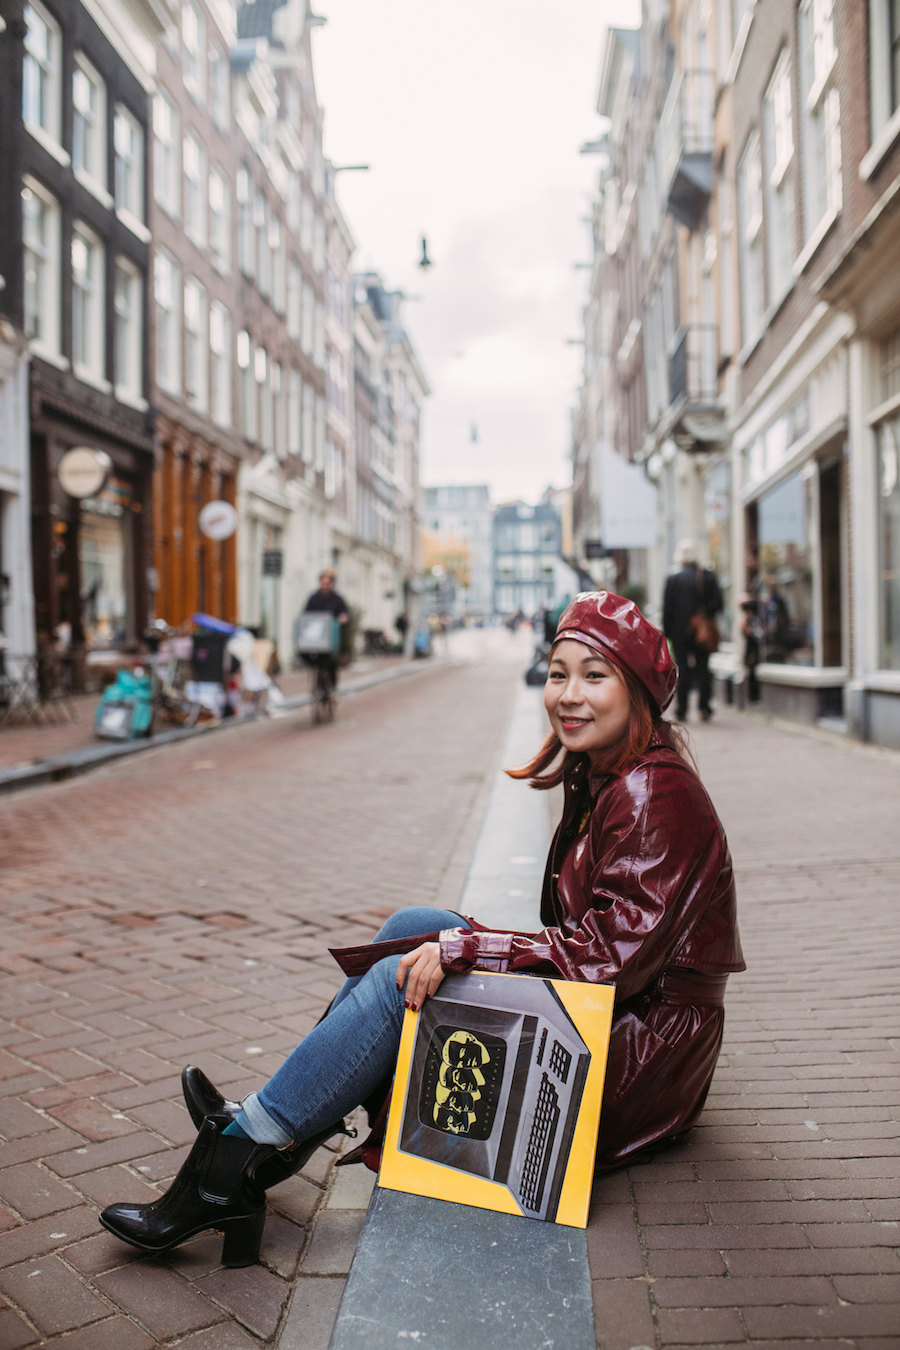 Girl in Amsterdam